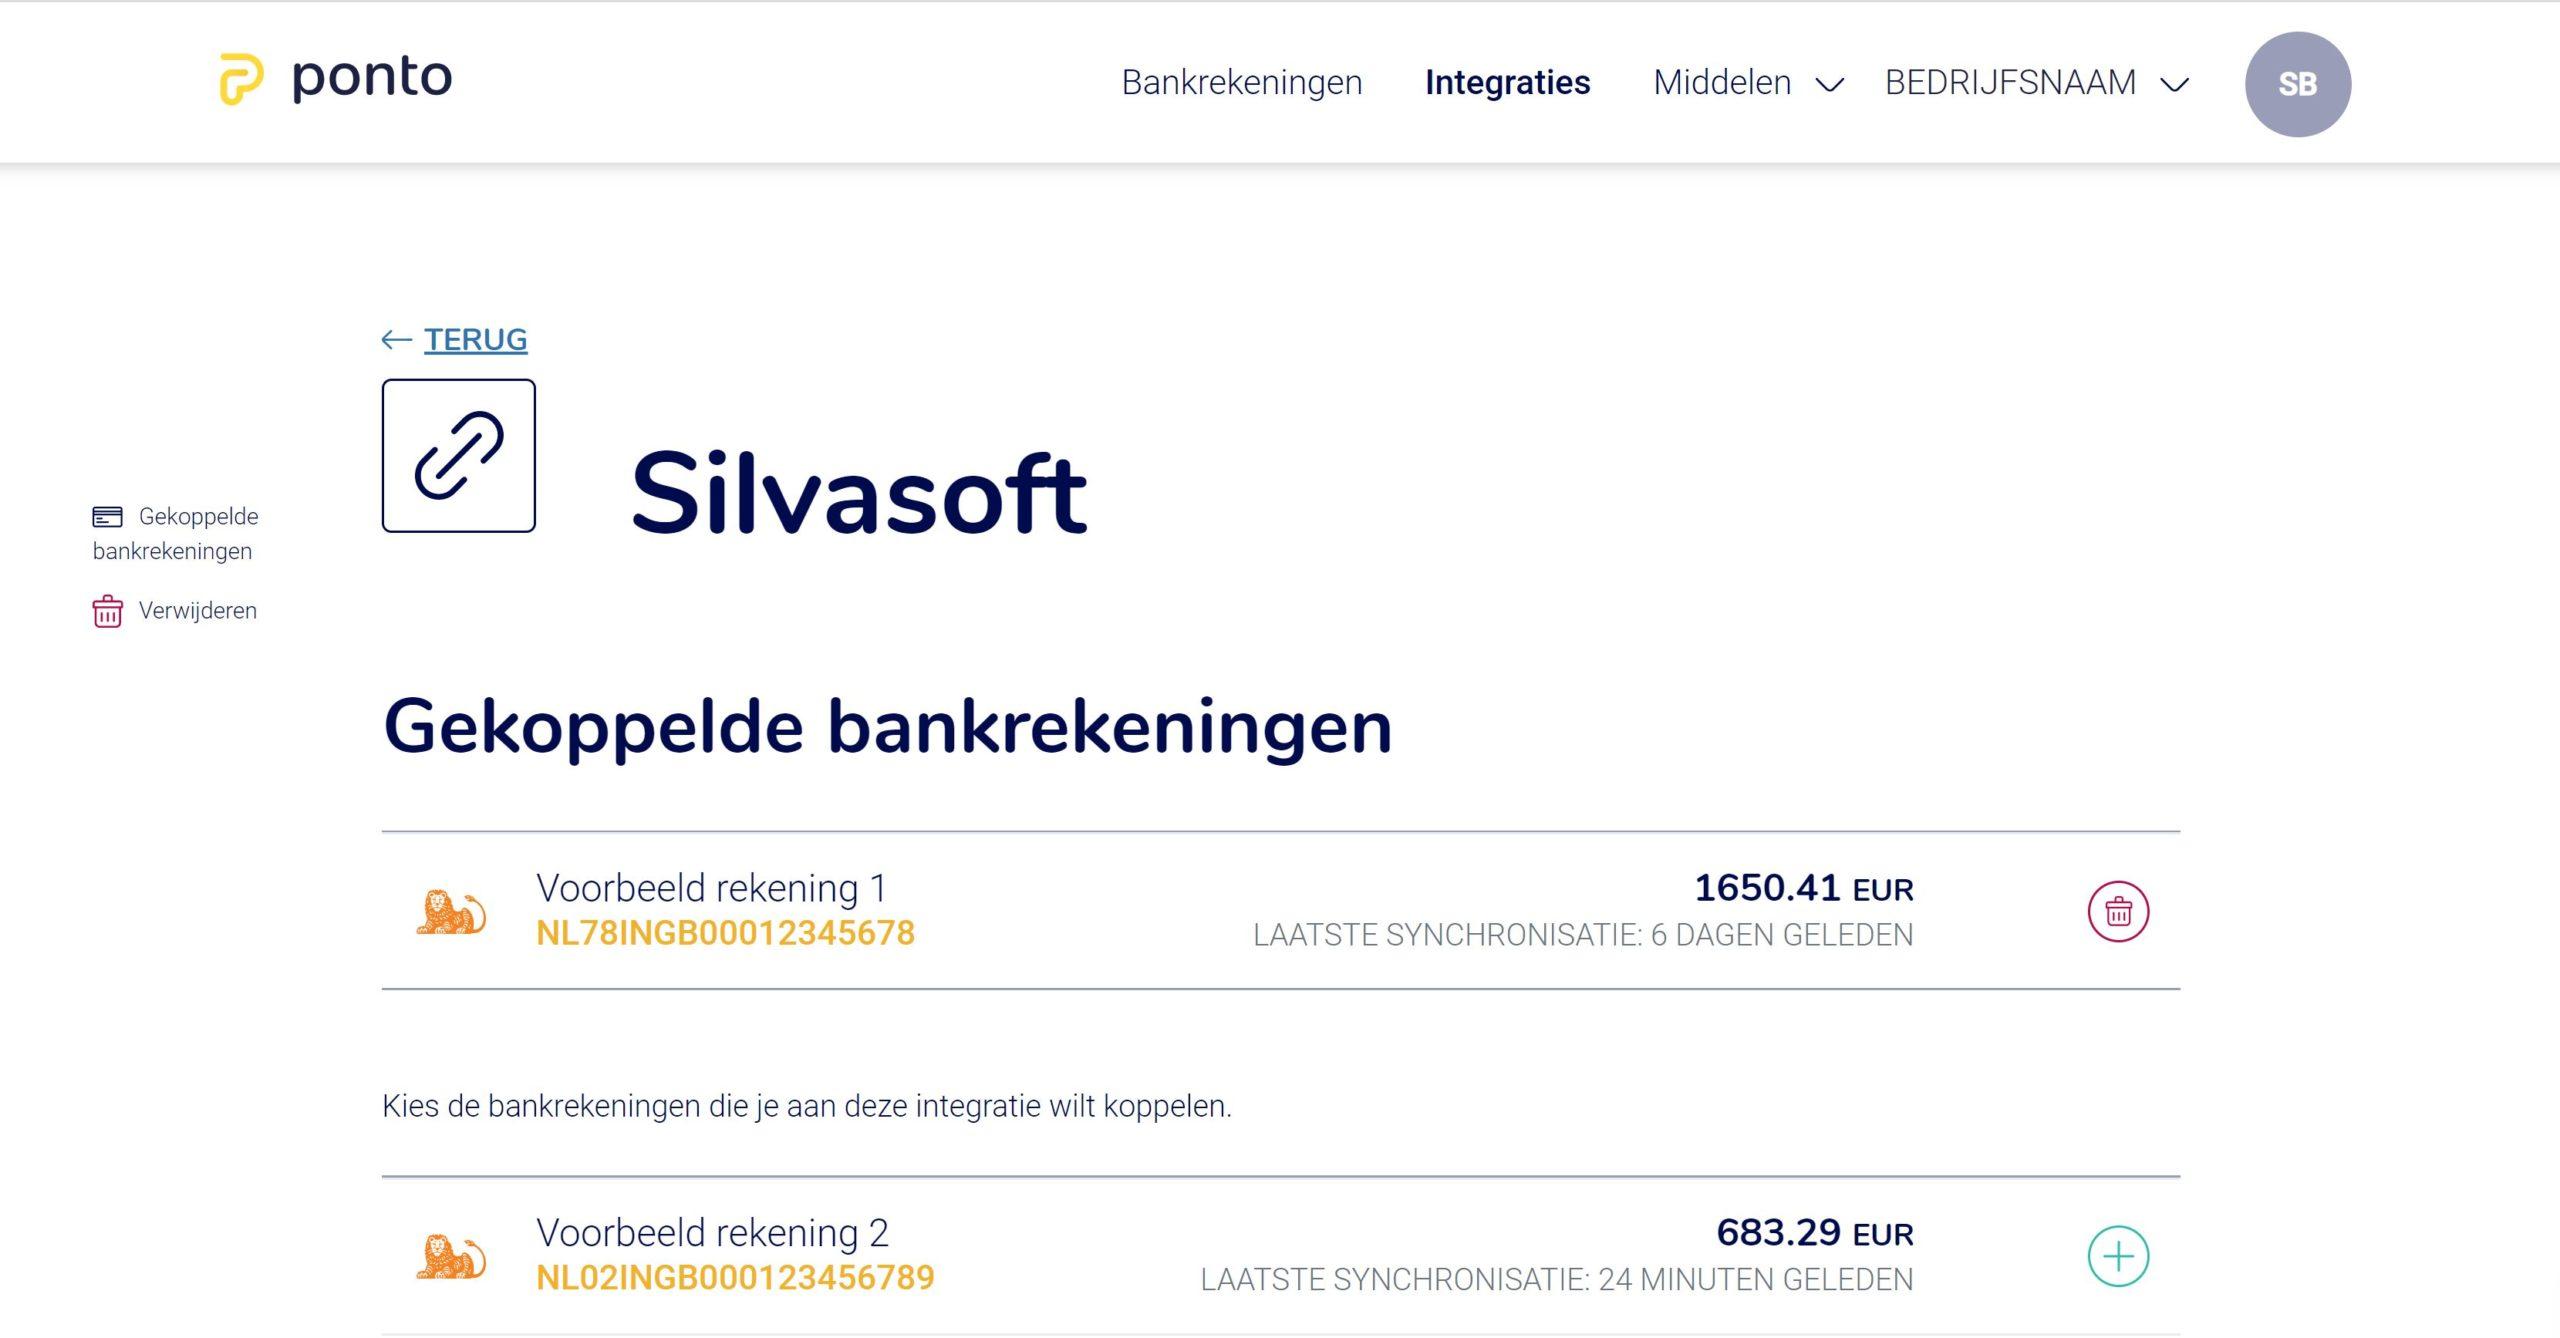 Bankrekening toevoegen aan de Silvasoft integratie vanuit Ponto